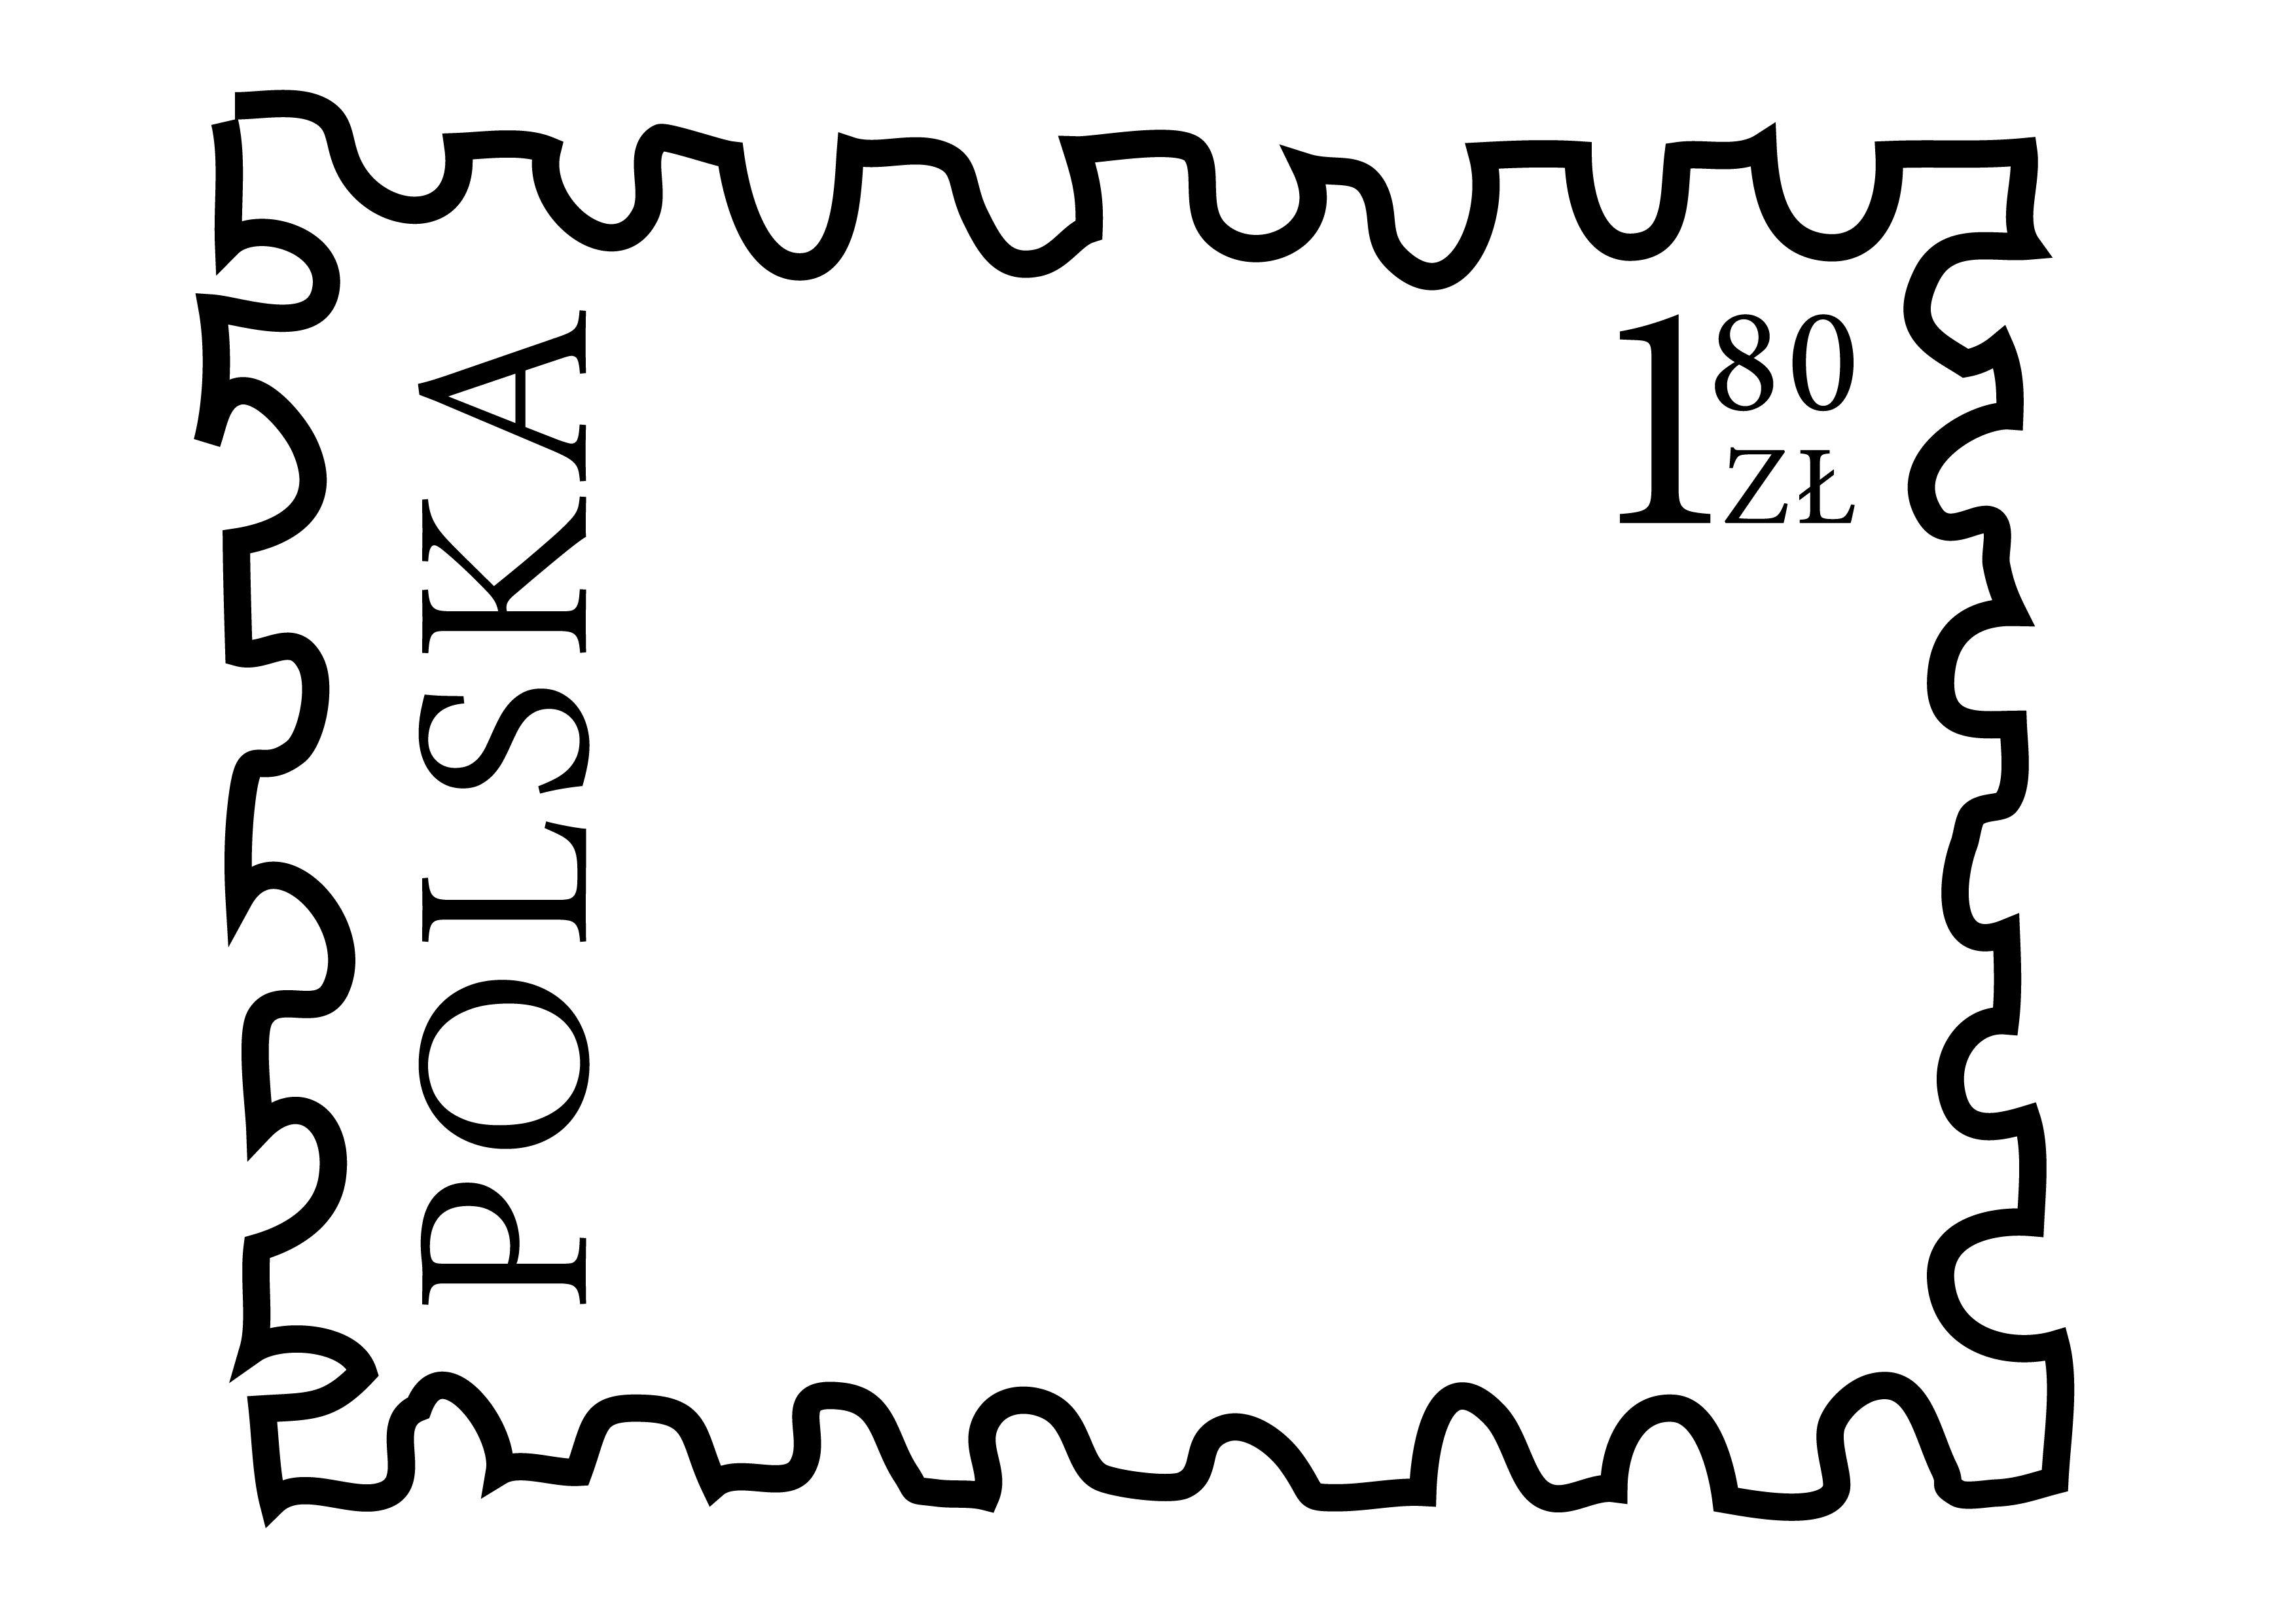 Pobierz/Otwórz pdf - Ważniaki - projekt Magdalena Sawicka